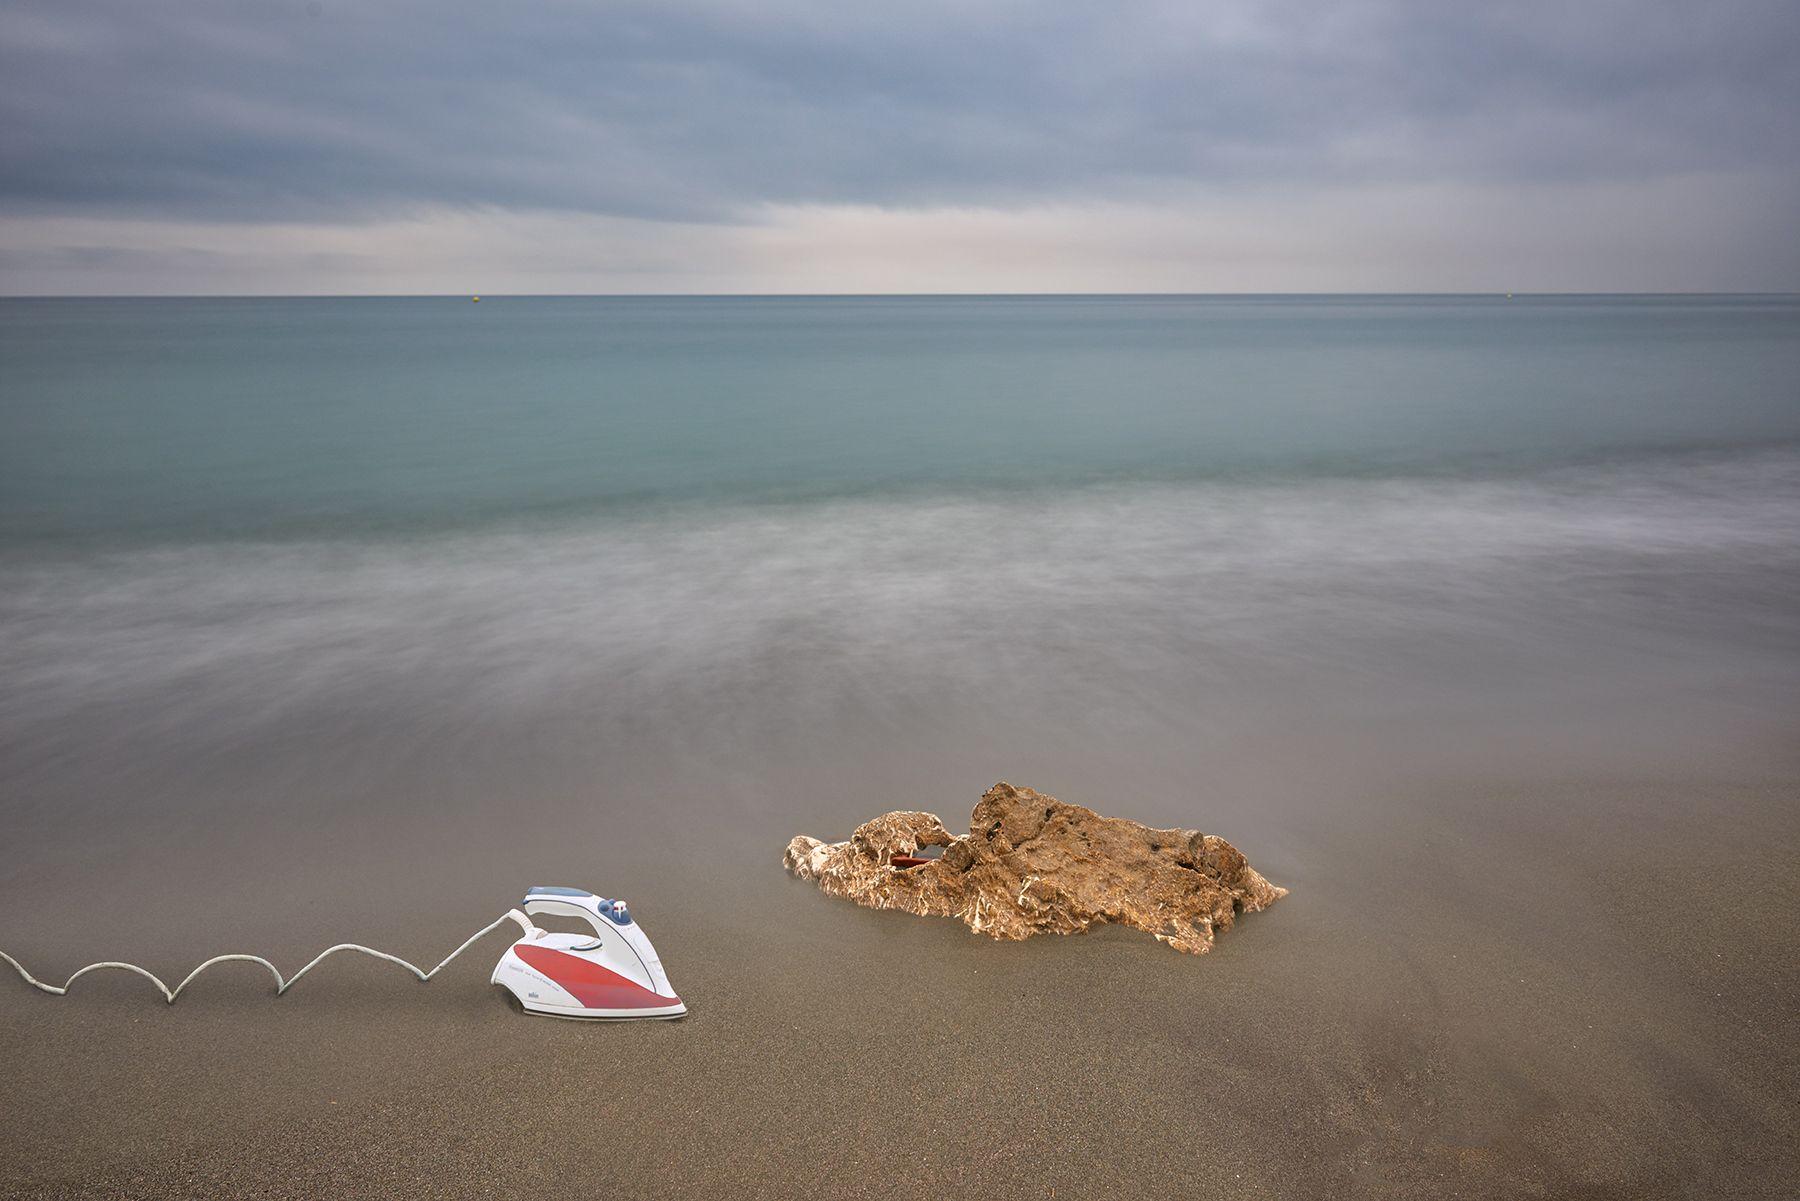 Arruga sobre la arena de la playa